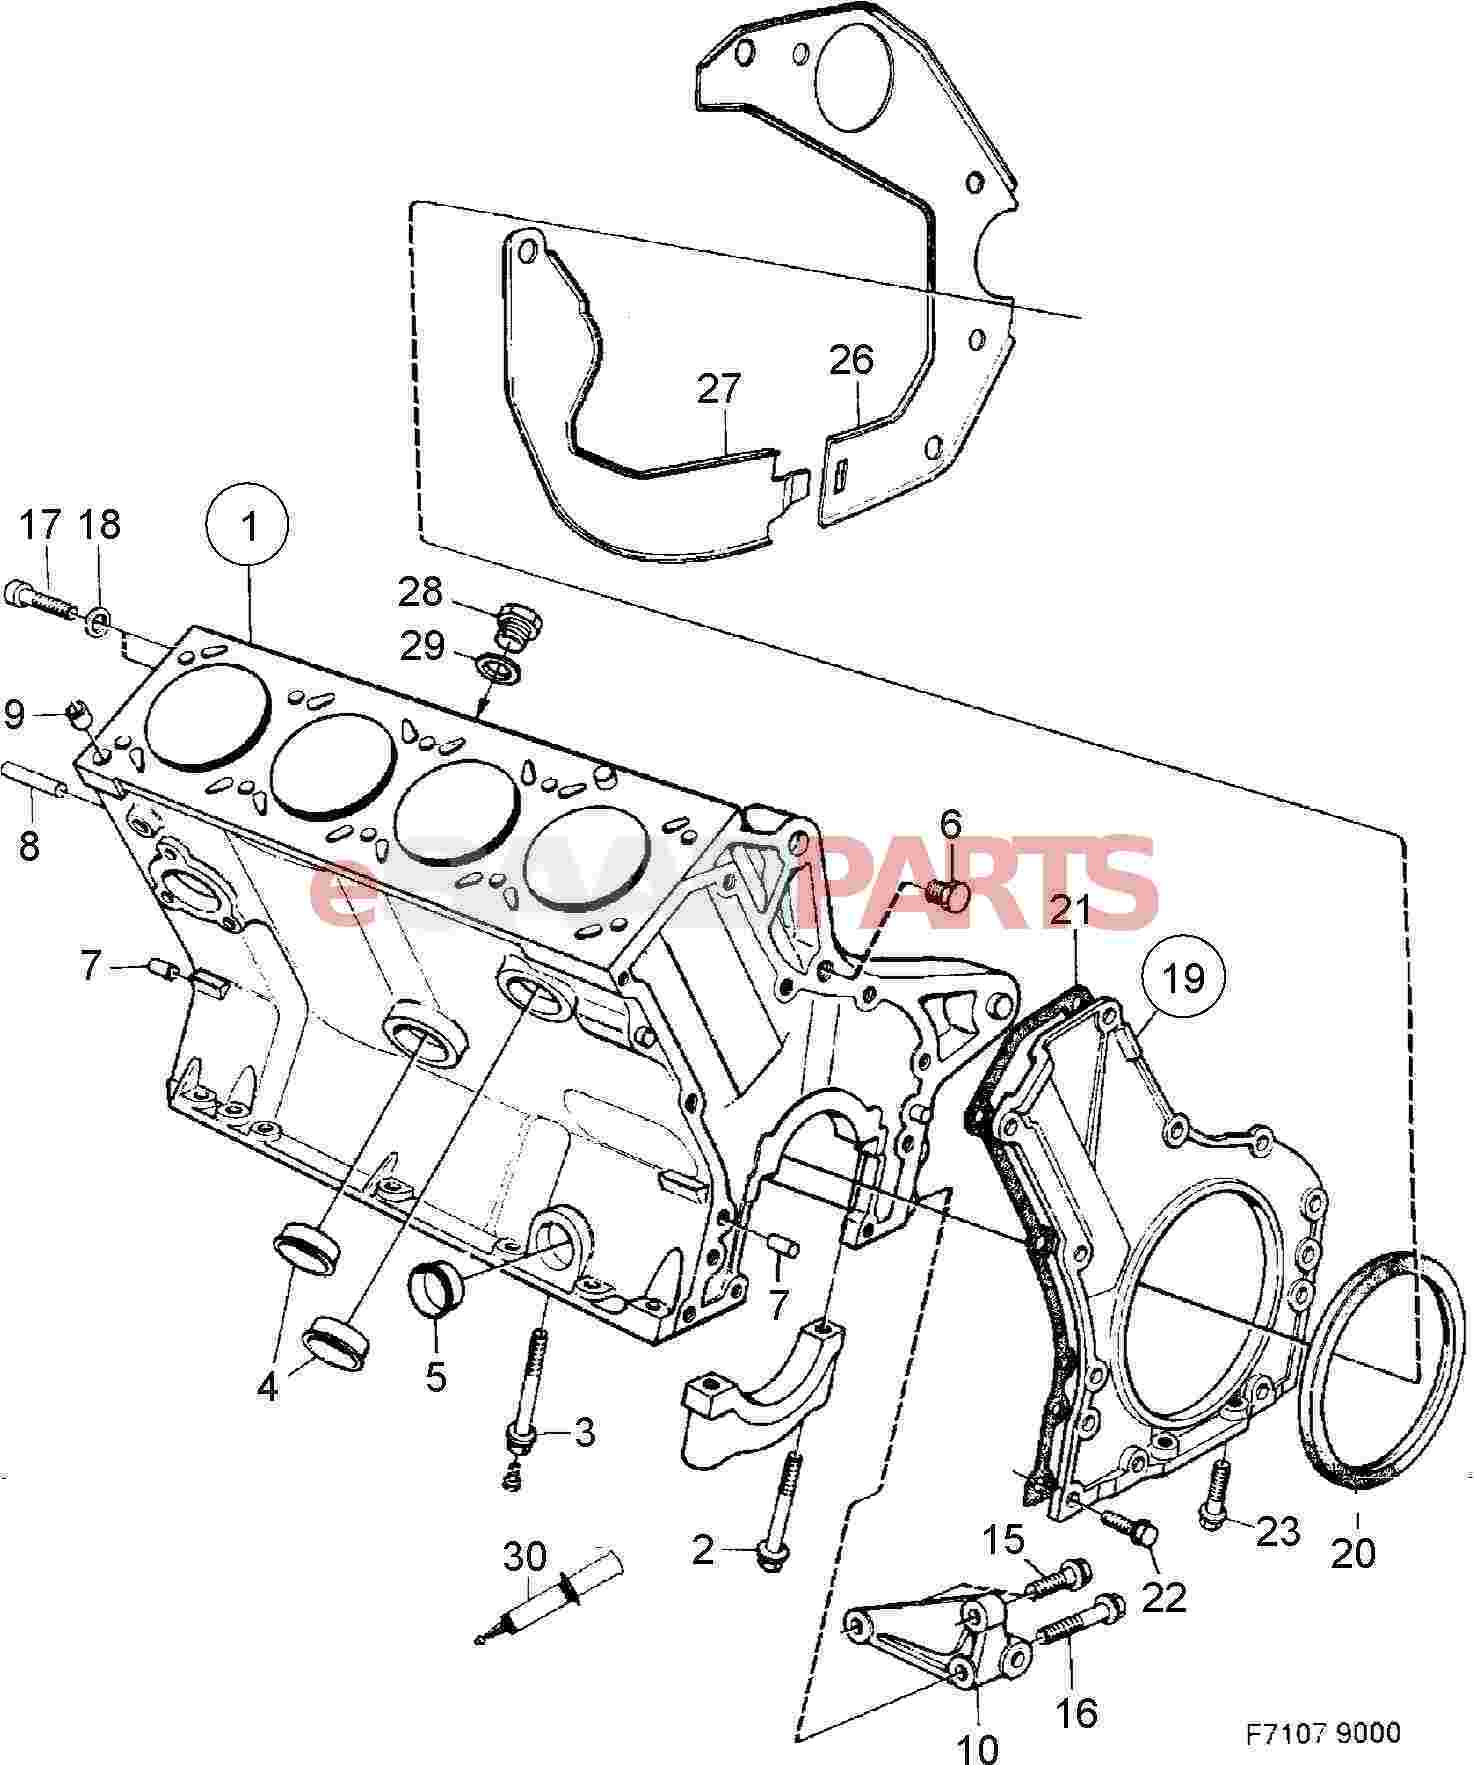 55557240  Saab Rear Main Seal - Crankshaft